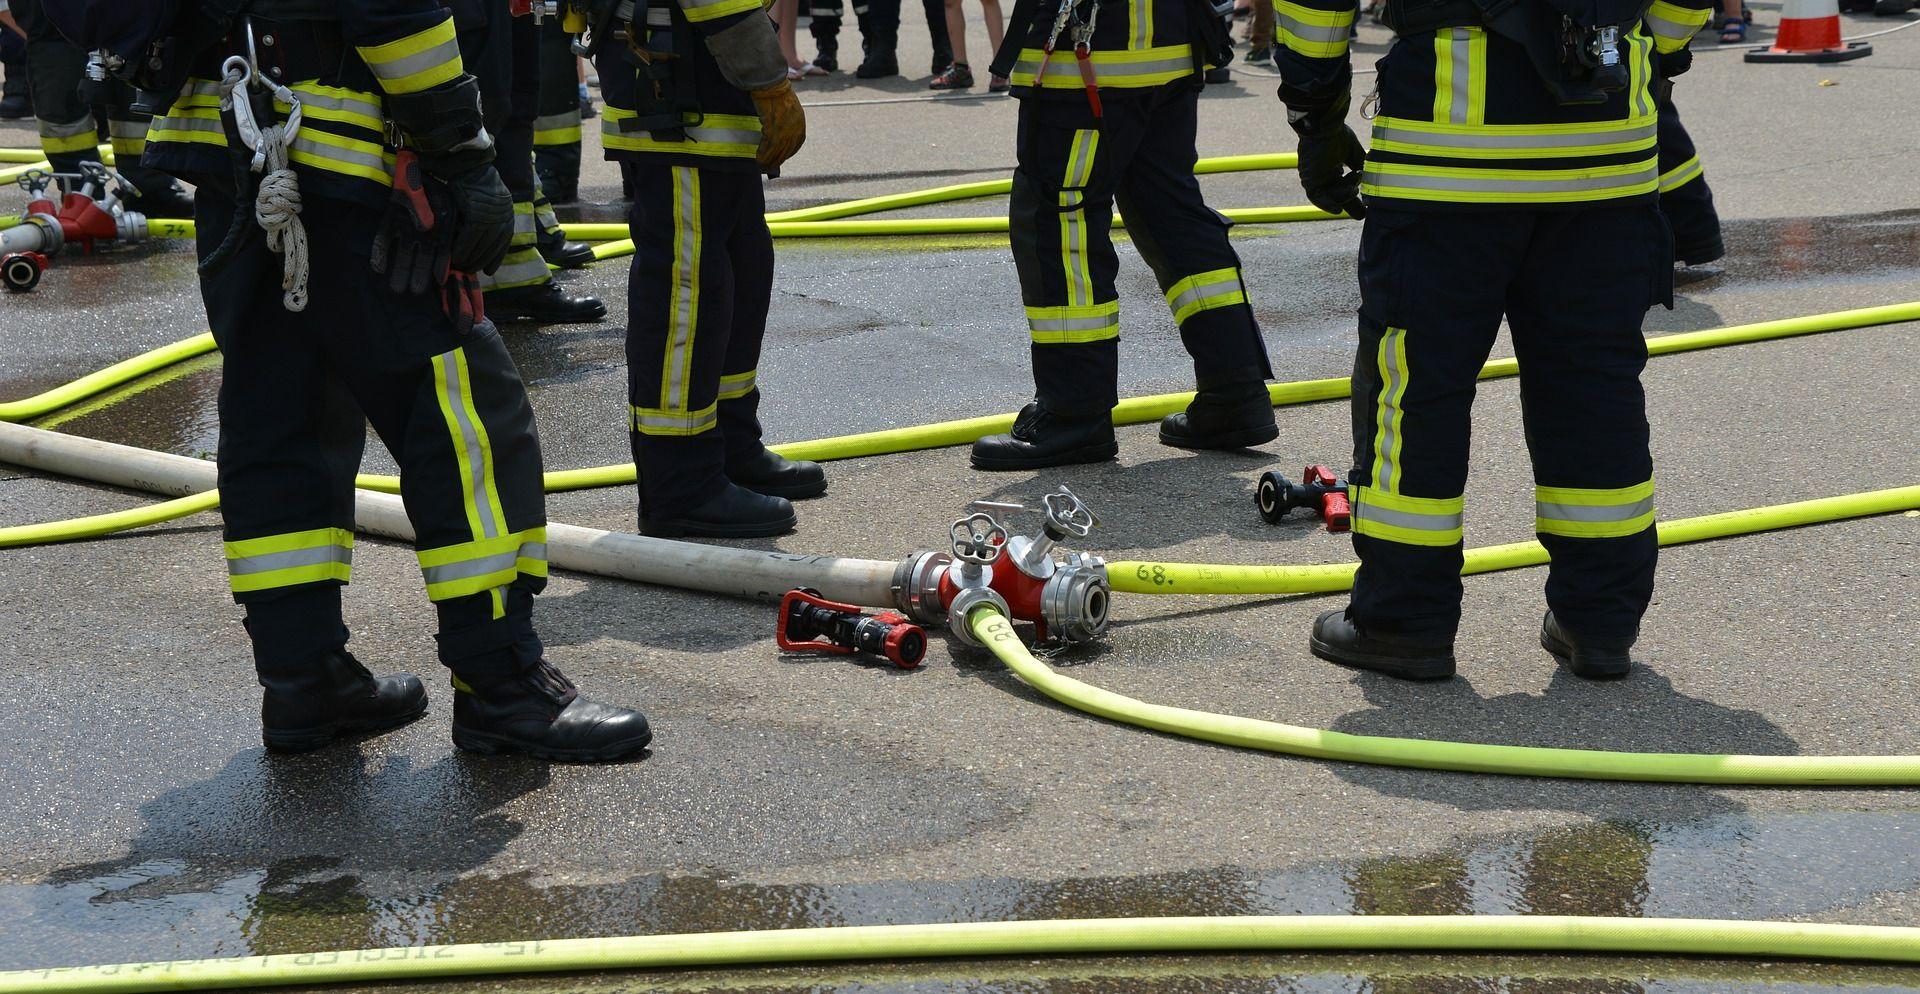 'NAJVEĆA DŽAMIJA ZAPADNE EUROPE' Izbio požar u komplesku džamije Baitul Futuh u Londonu